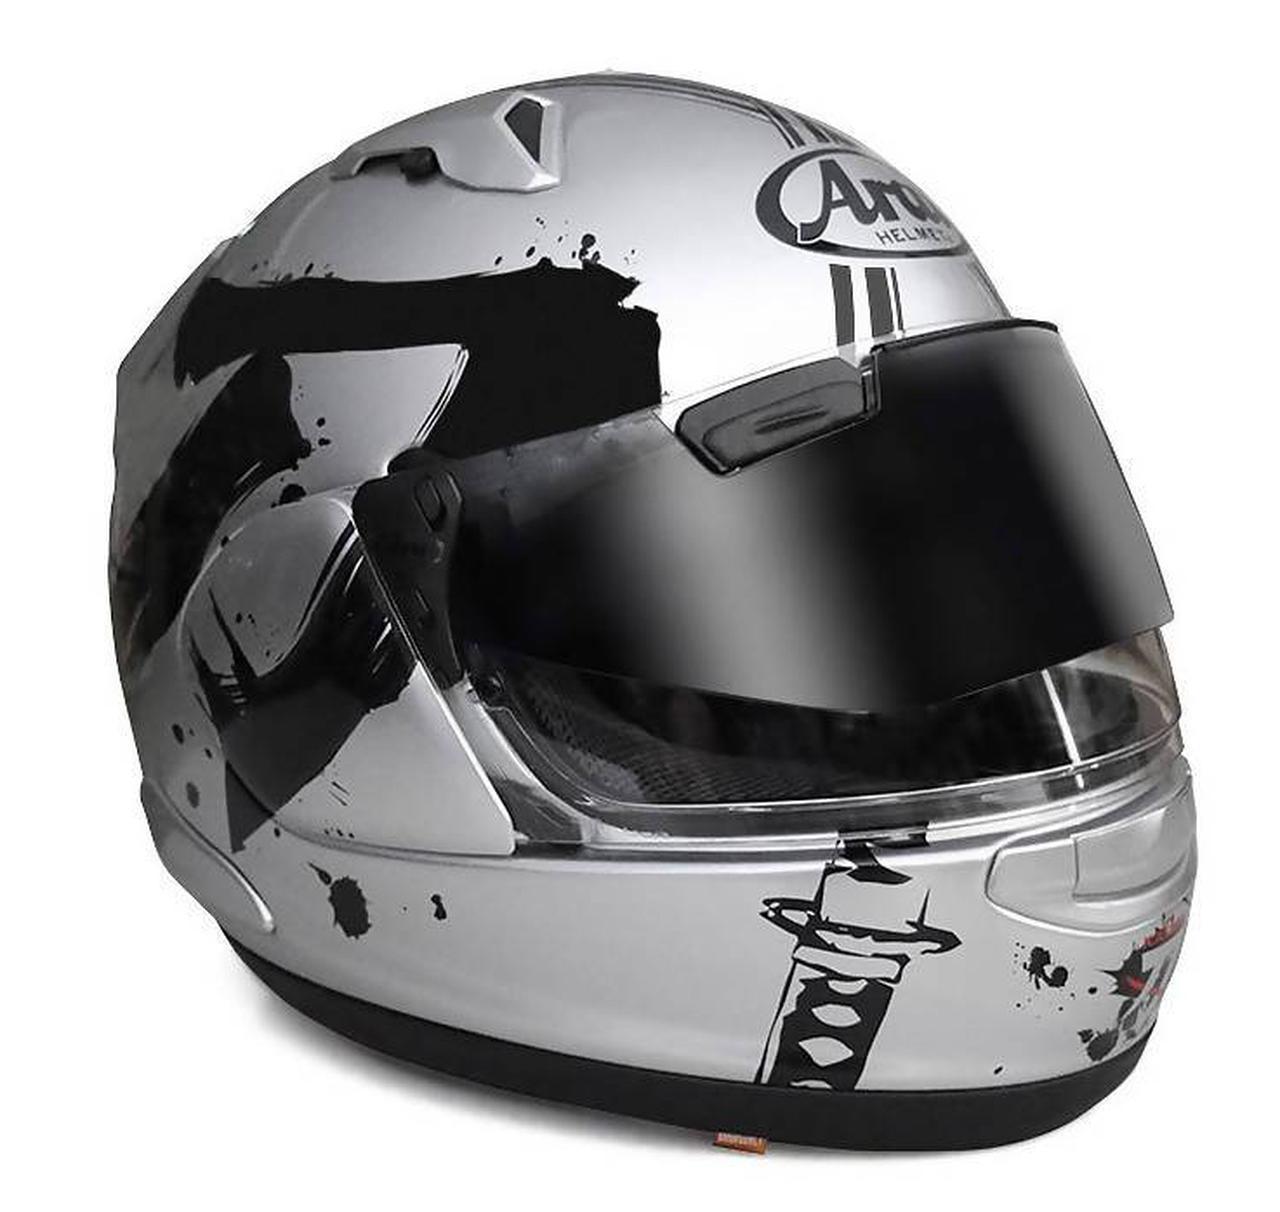 画像: ■SUZUKI KATANAヘルメット ■価格:70,400円(税込)